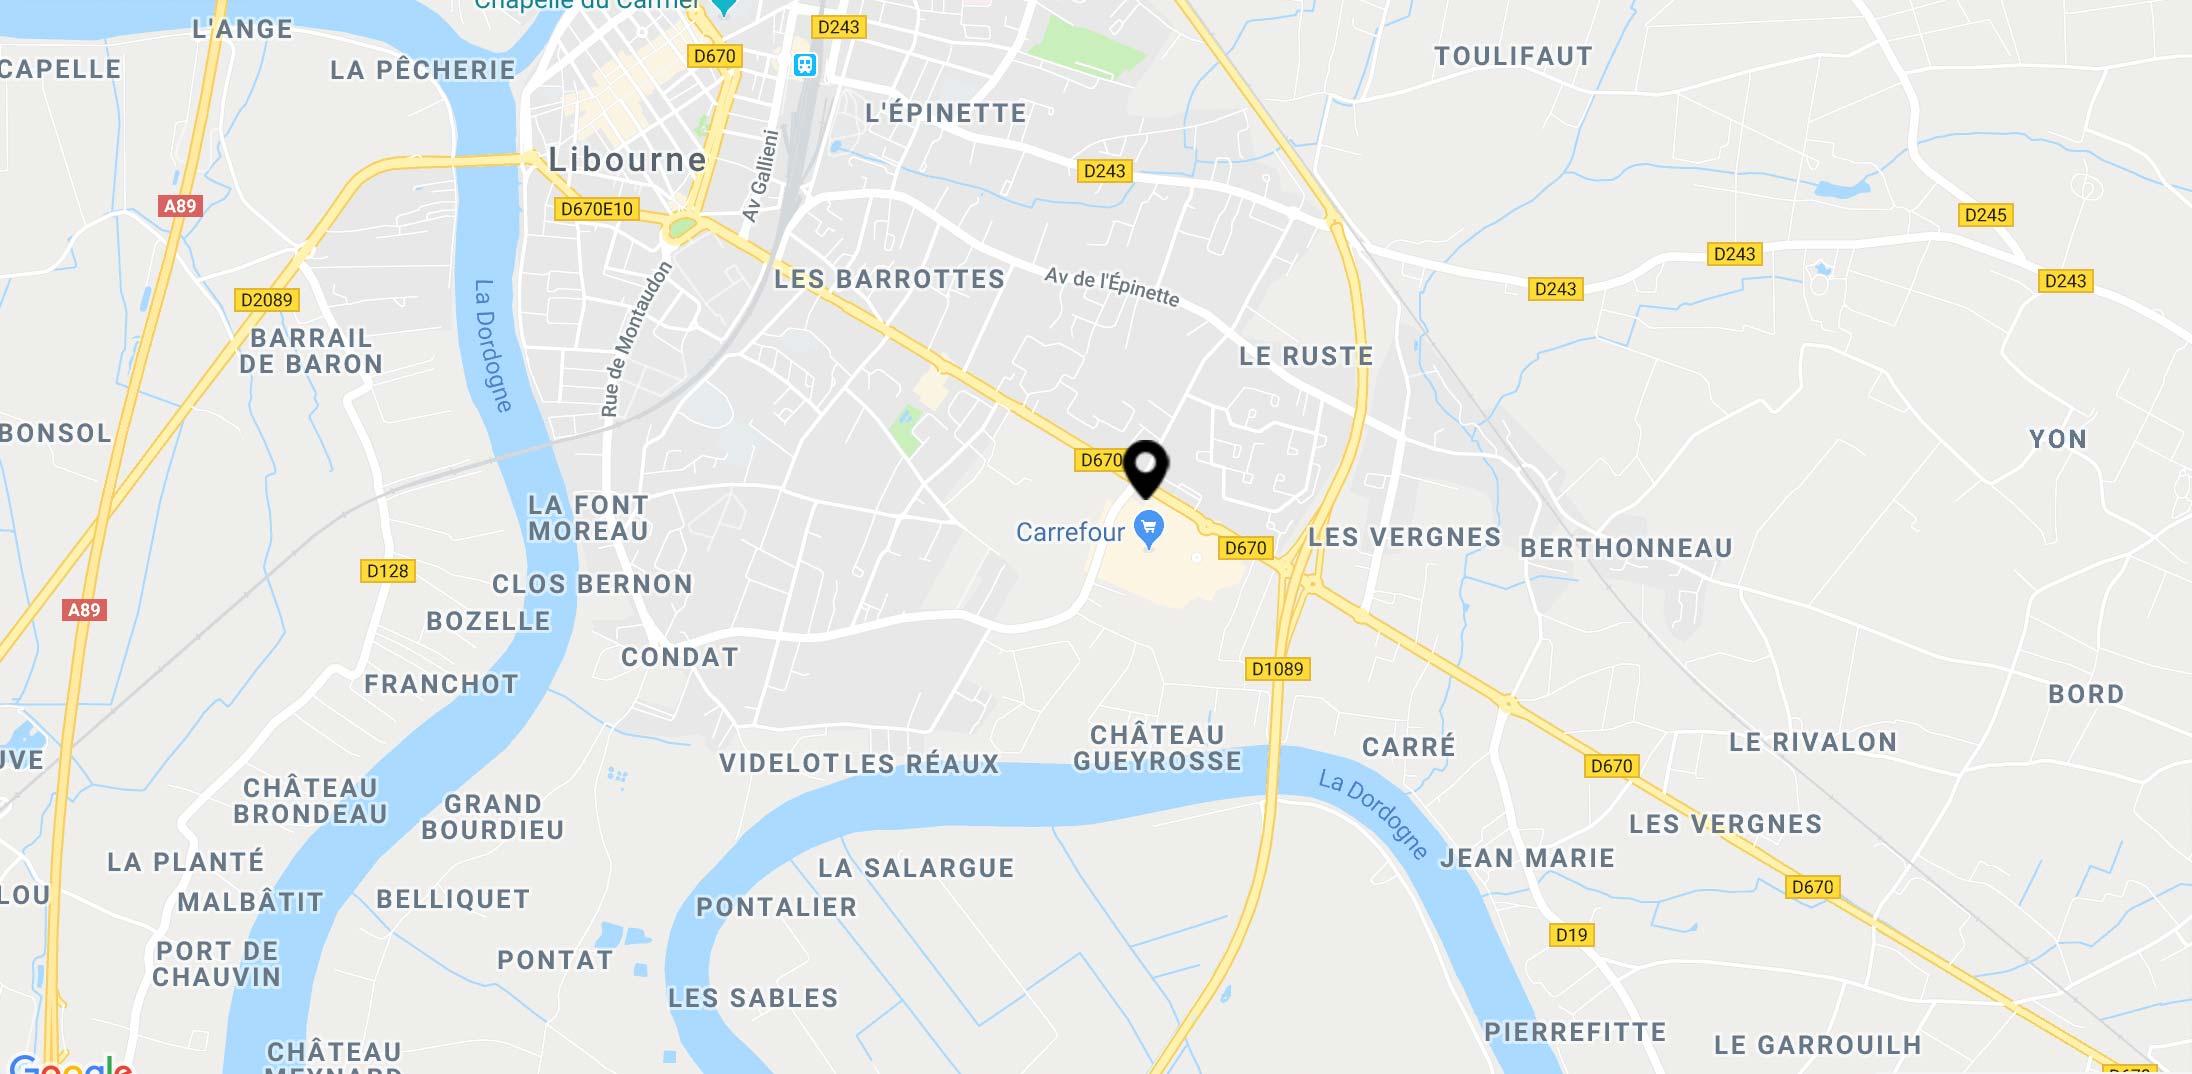 Piscines sud océan pisciniste Gironde